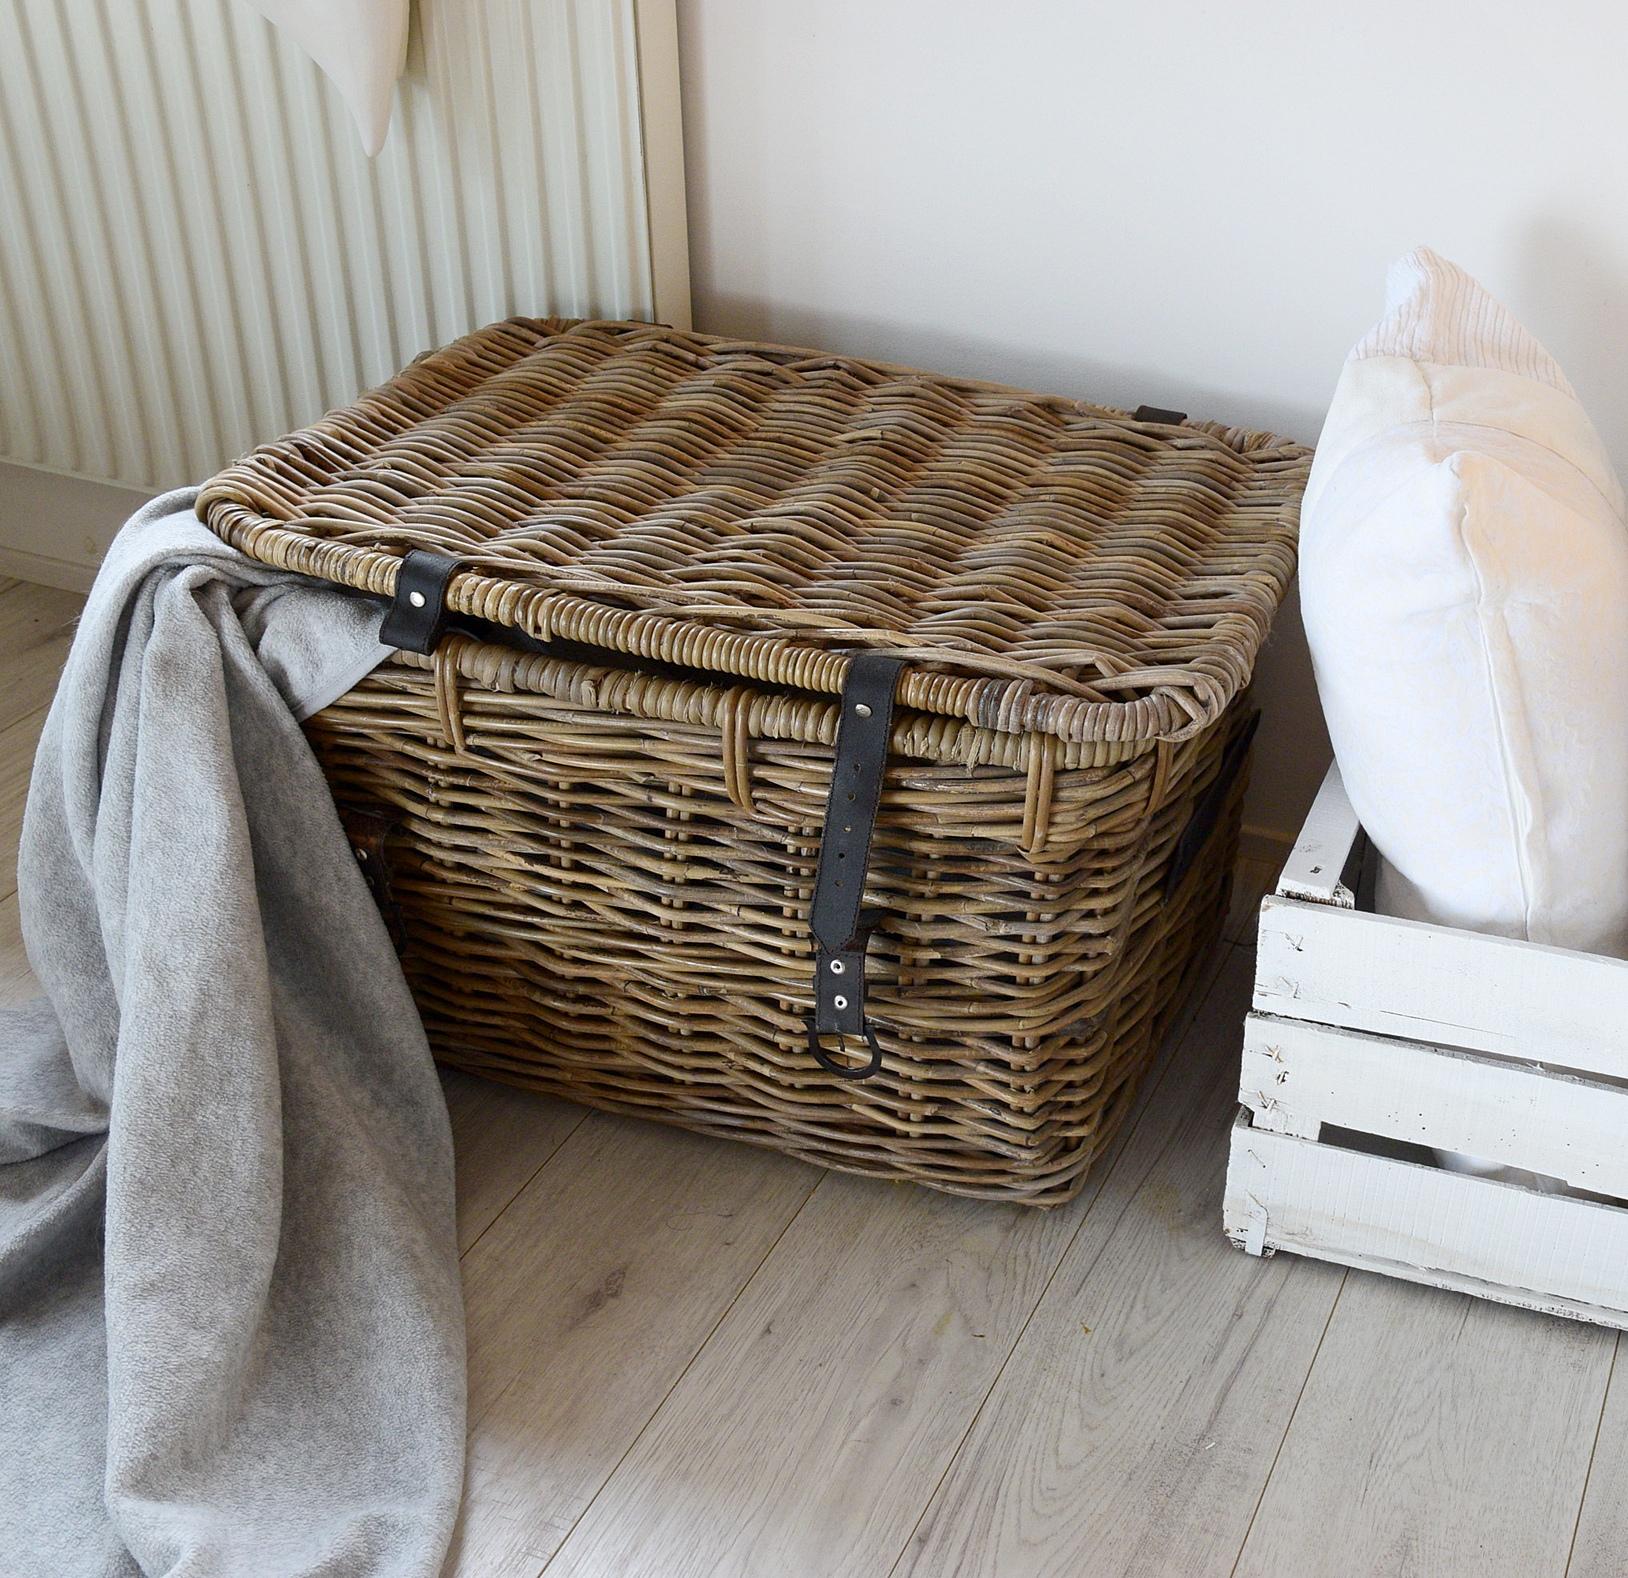 kuscheliges wohnzimmer mit decken und kissen von depot. Black Bedroom Furniture Sets. Home Design Ideas